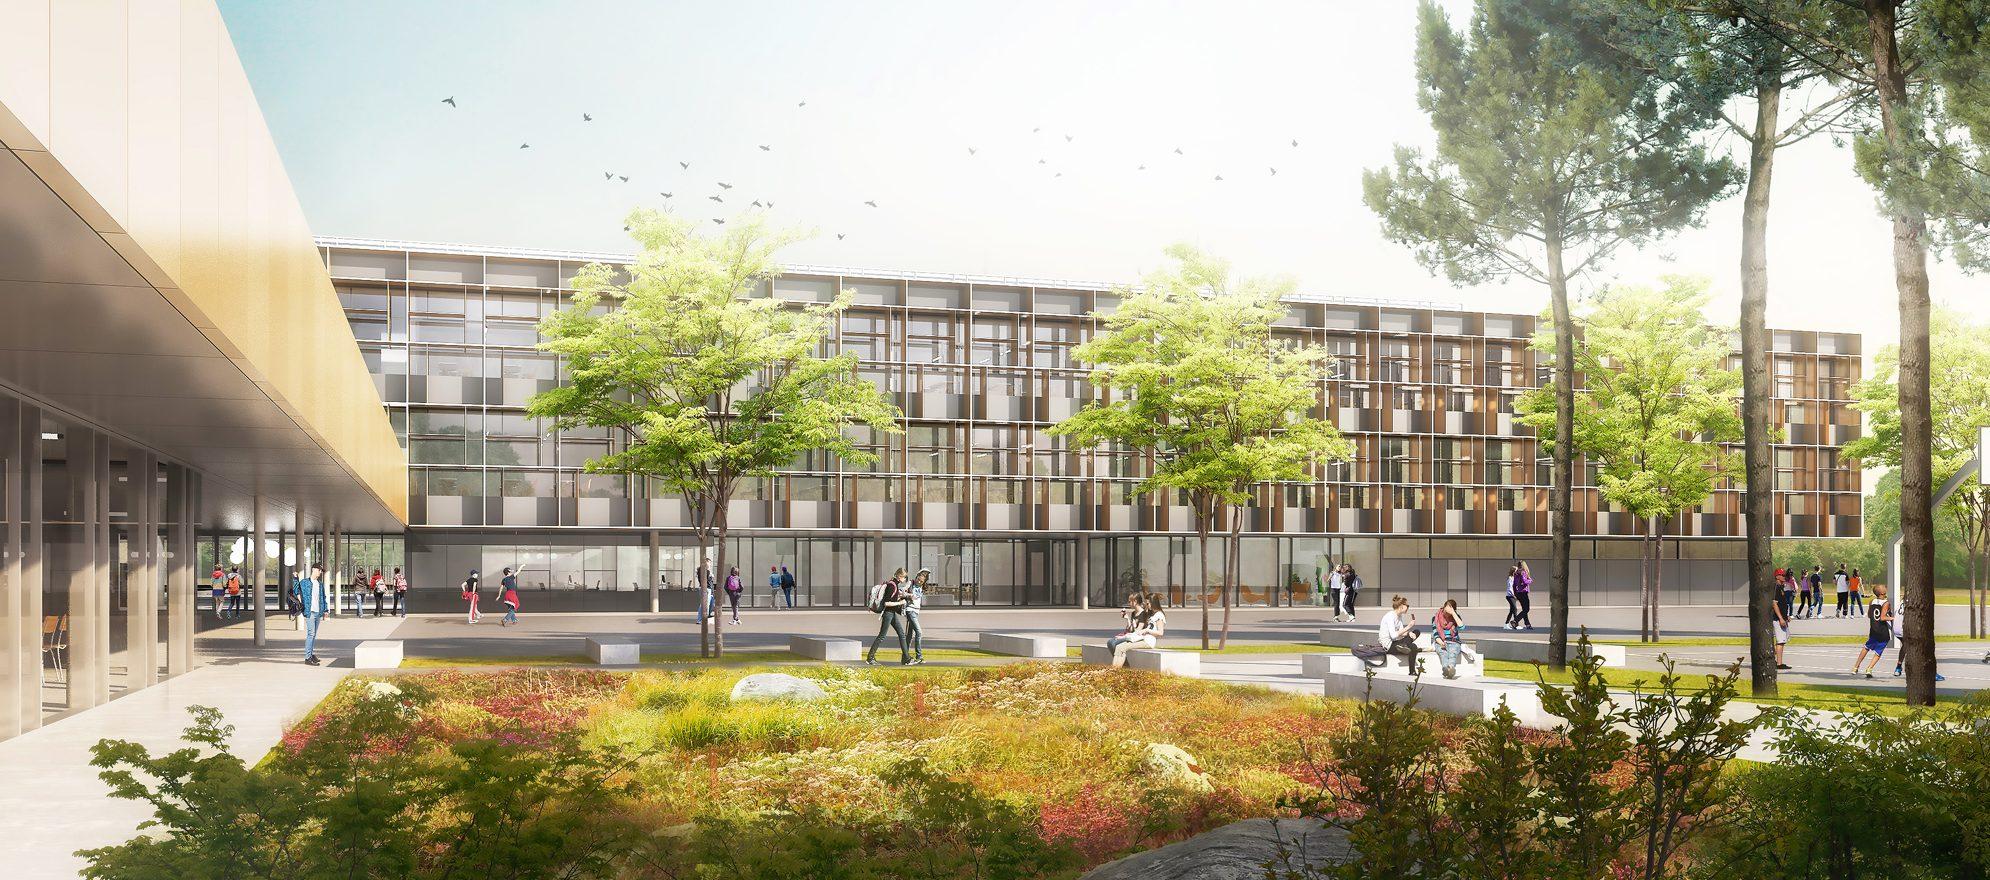 Collège 700 - Saint-Renan